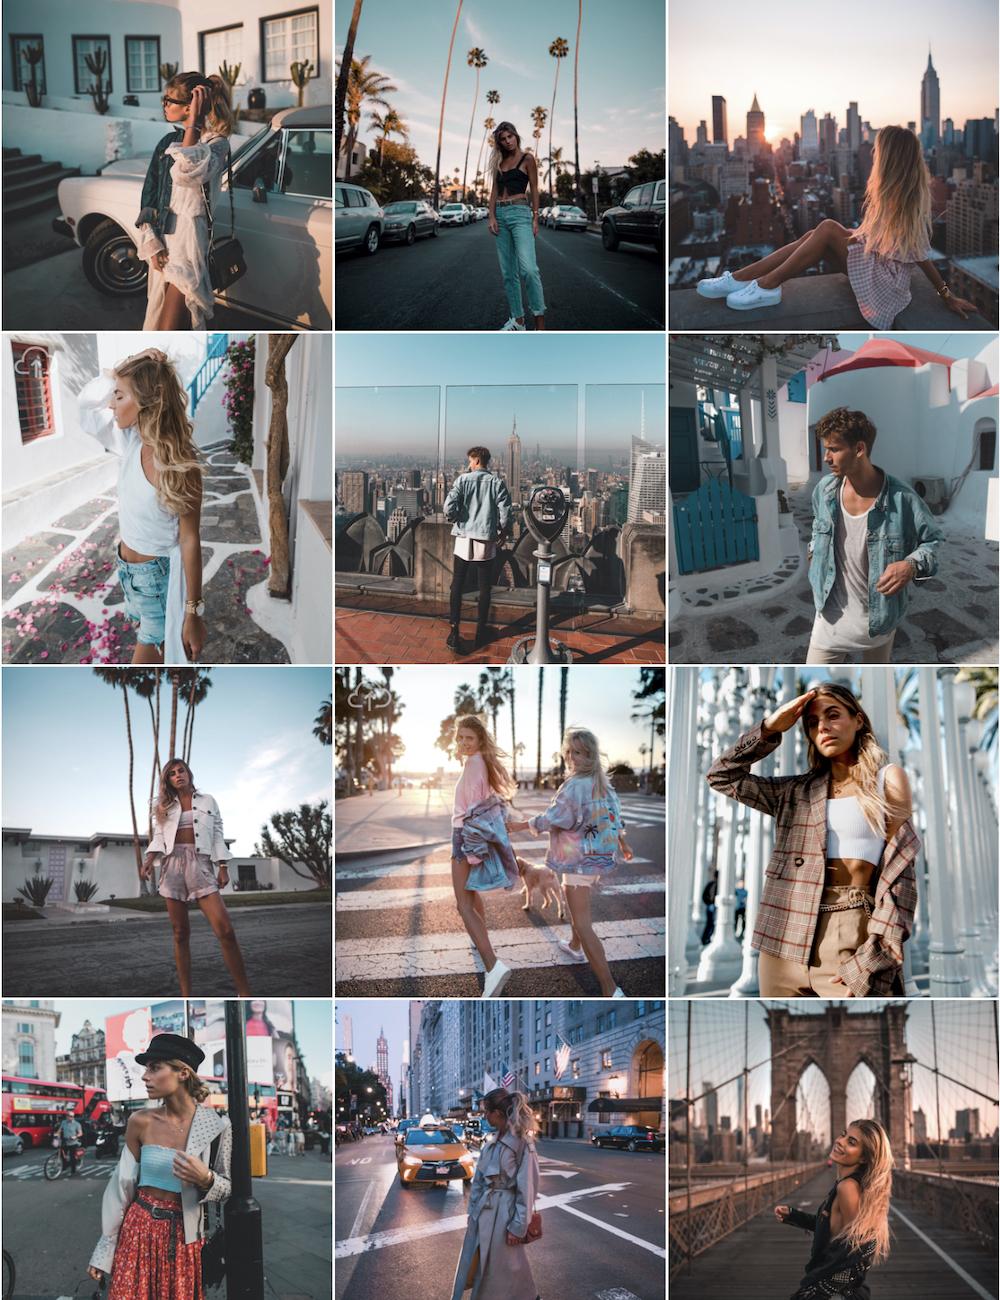 fashion_hover_feed.jpg